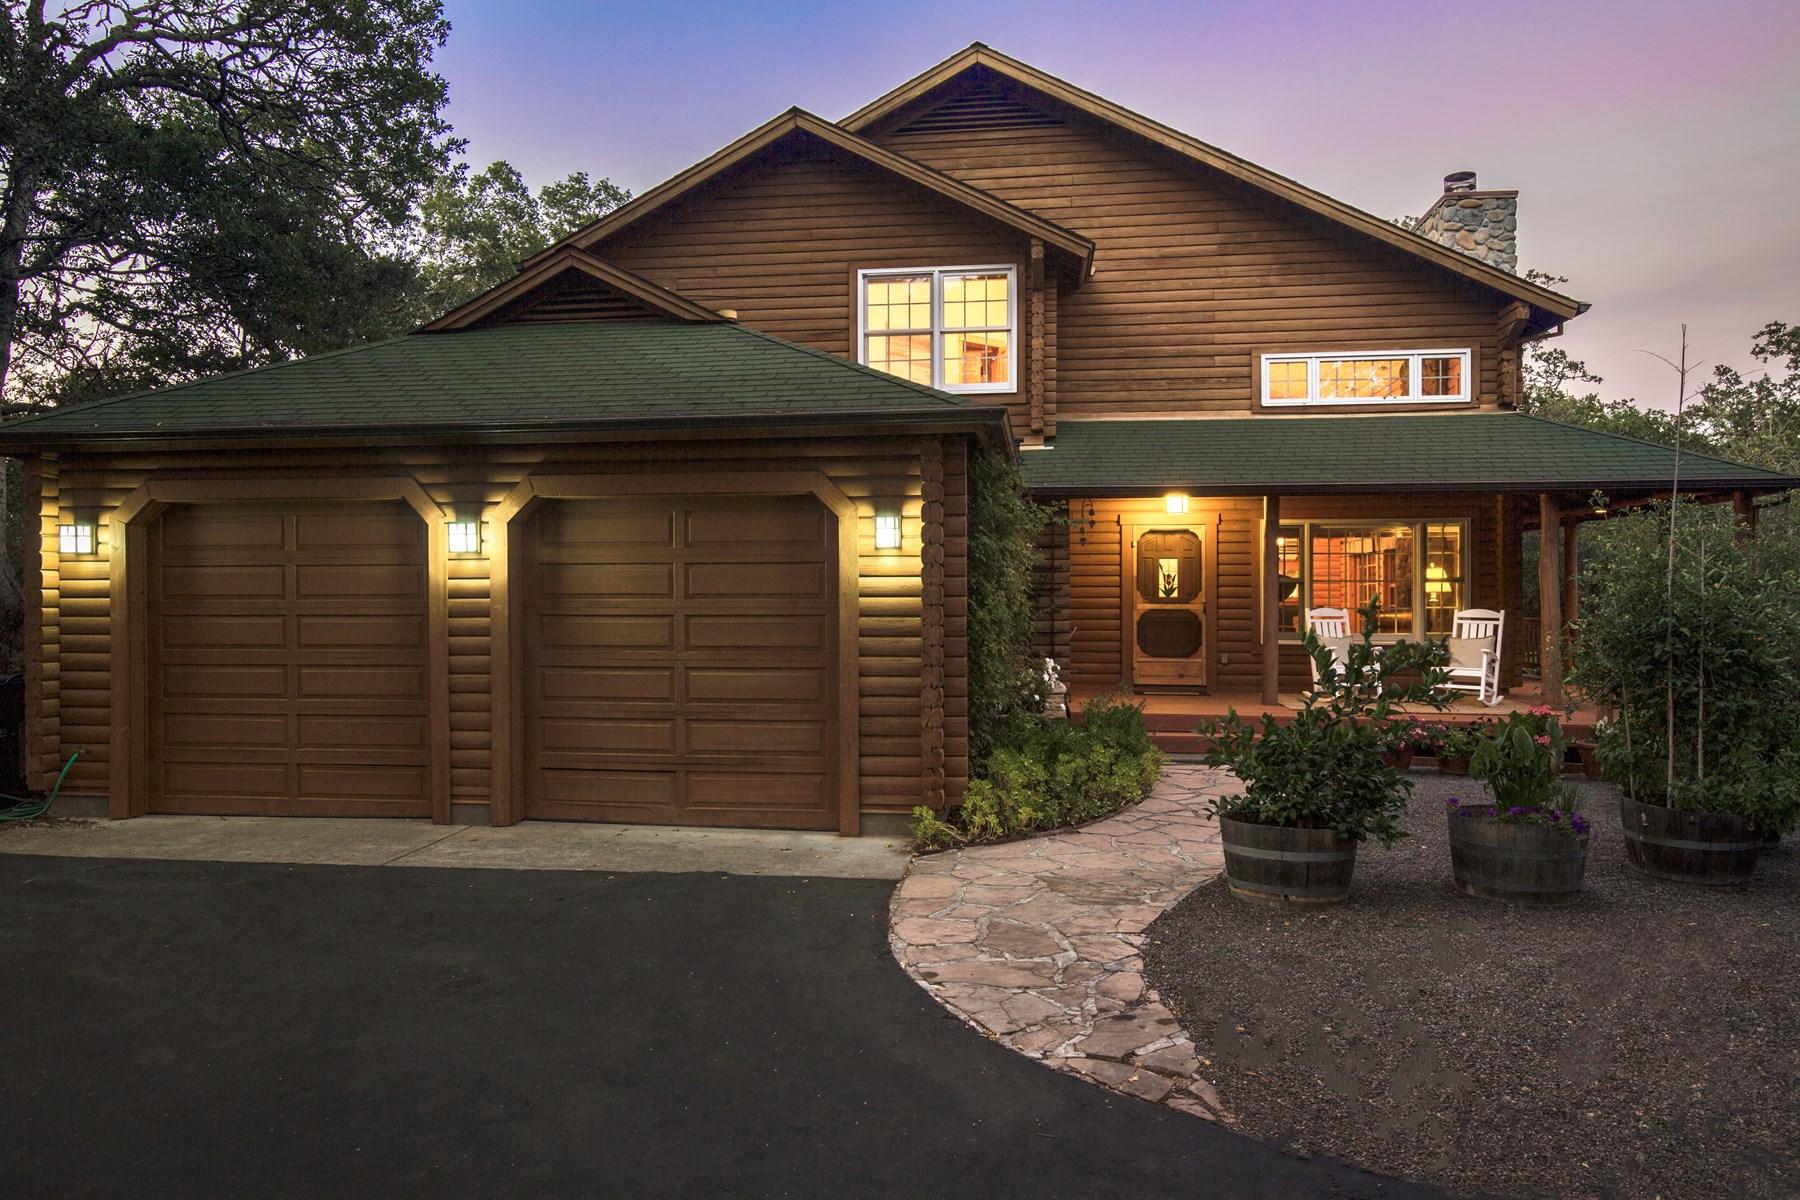 一戸建て のために 売買 アット Secluded In-Town Glen Ellen Charmer 1263 Chauvet Rd Glen Ellen, カリフォルニア, 95442 アメリカ合衆国